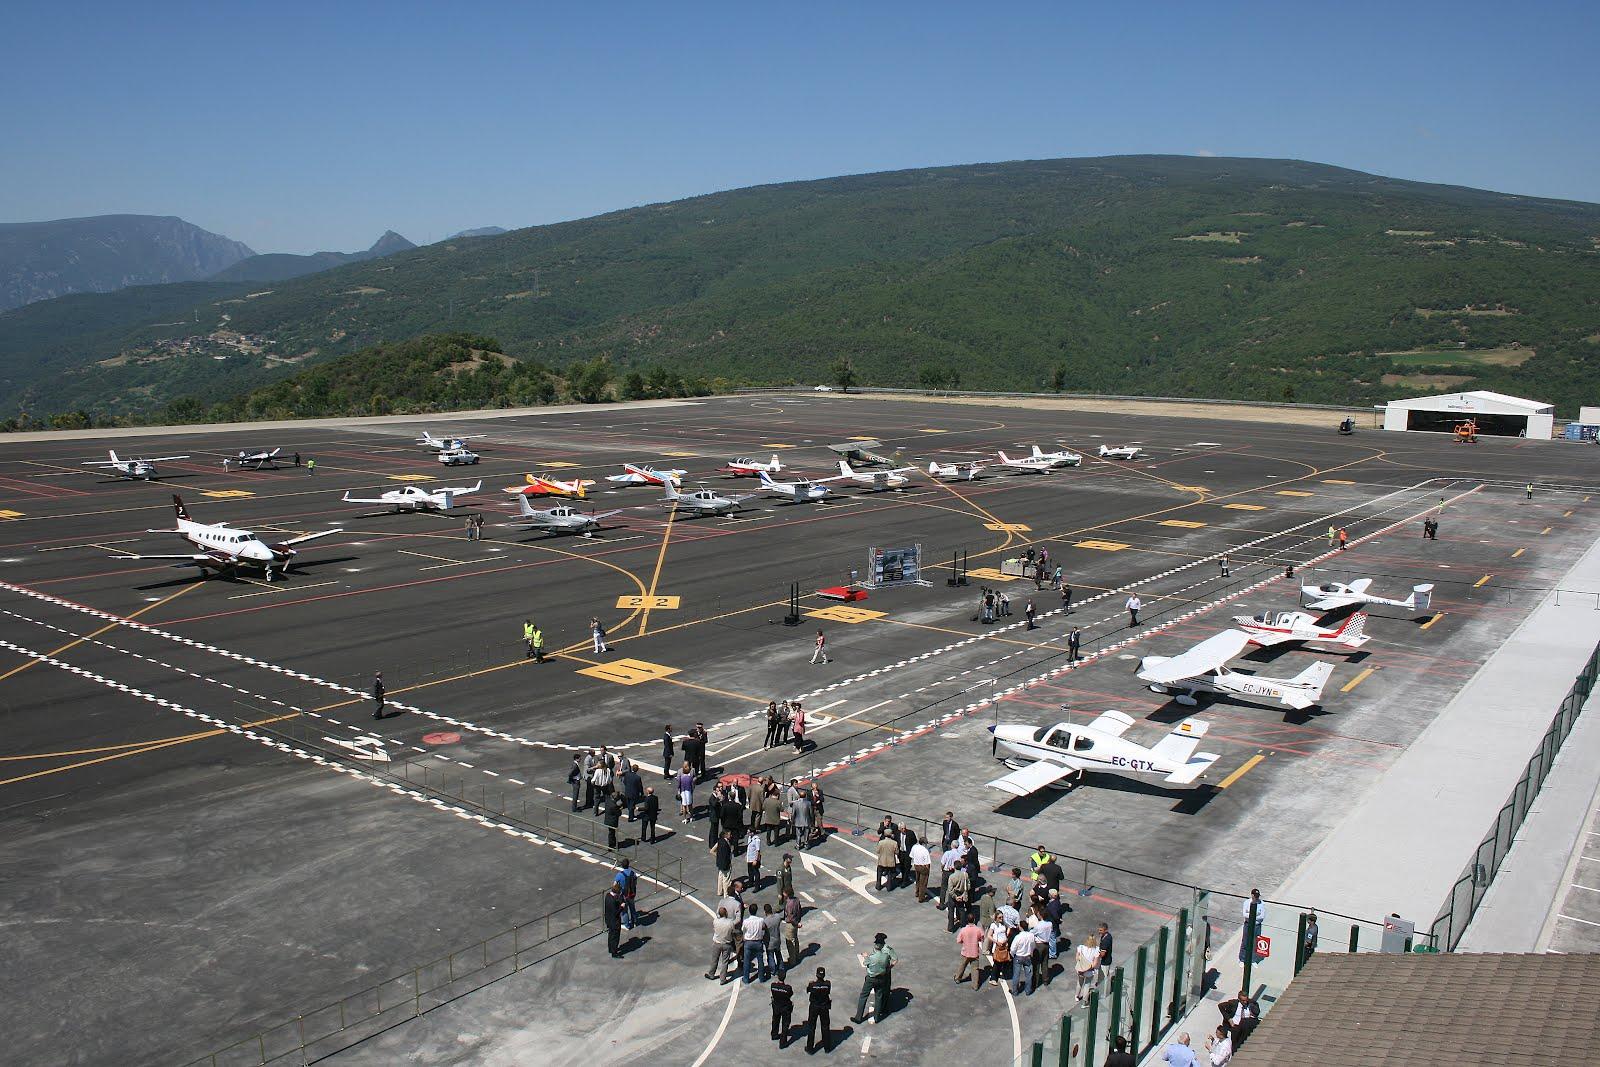 Фото аэропорта La Seu d Urgell